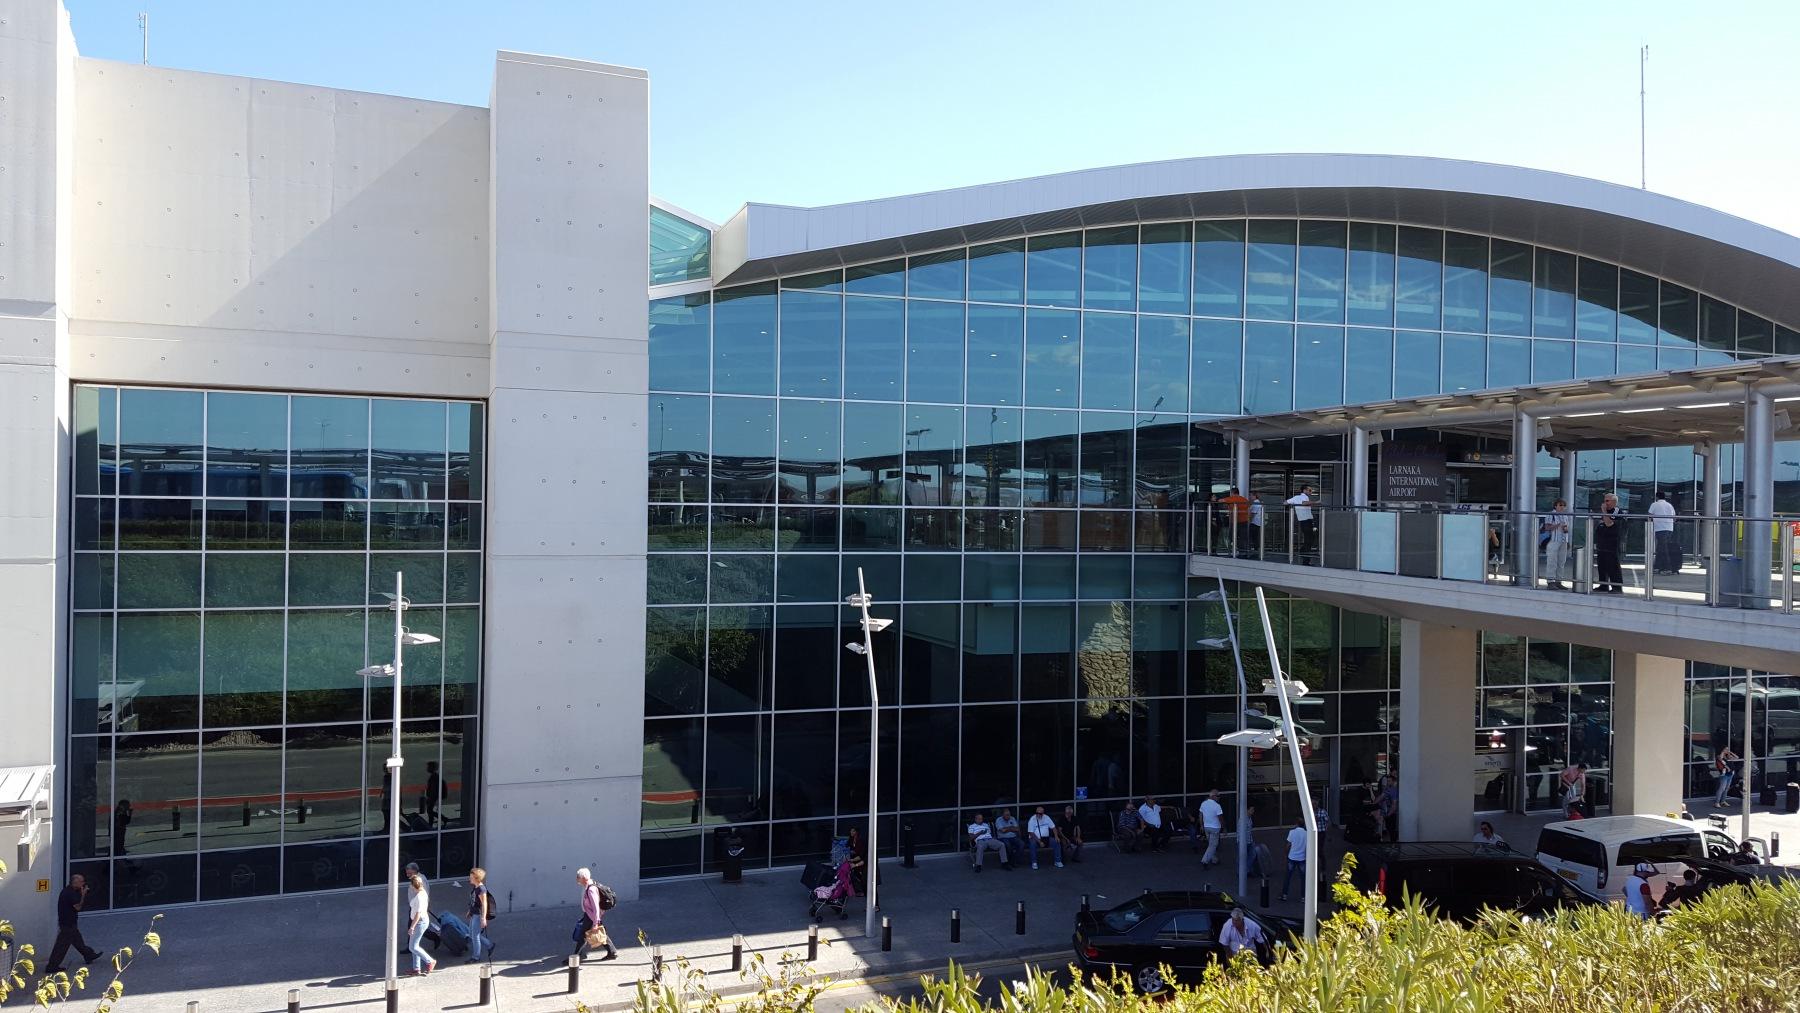 Zypern_Flughafen_larnaca_LCA_Terminal